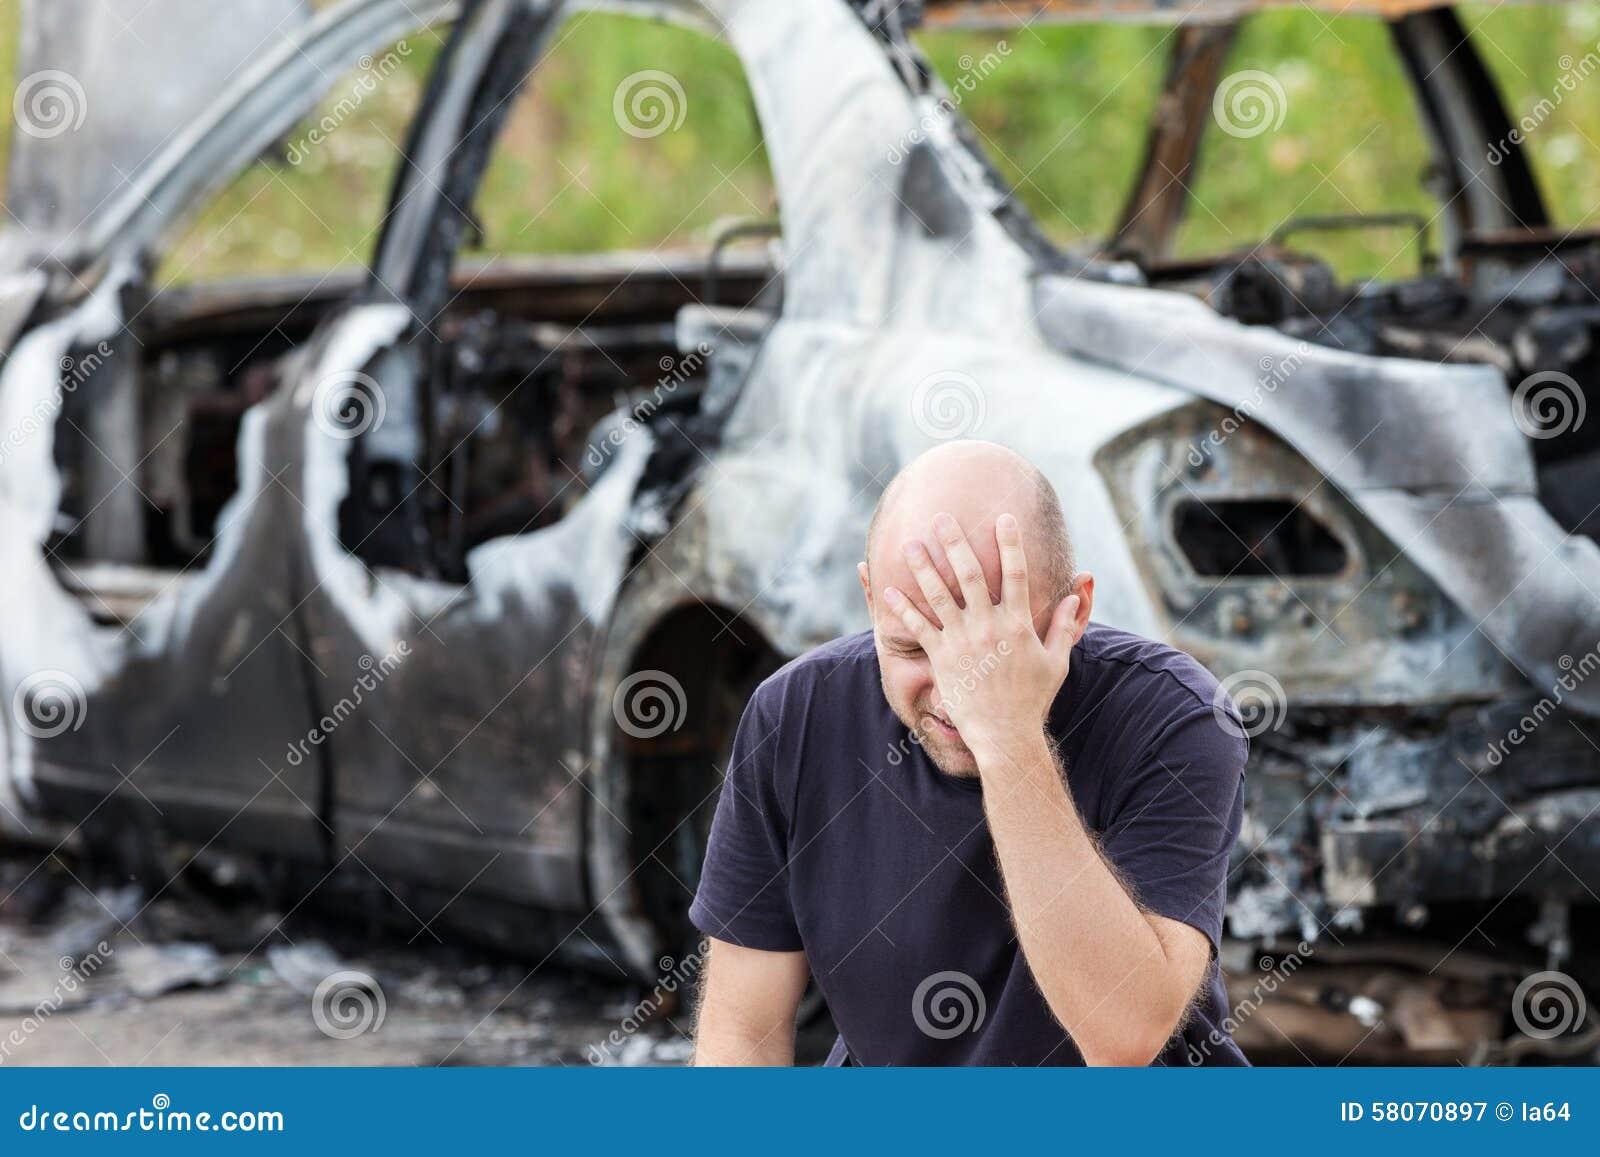 Плача расстроенный человек на огне поджога сгорел старье корабля автомобиля